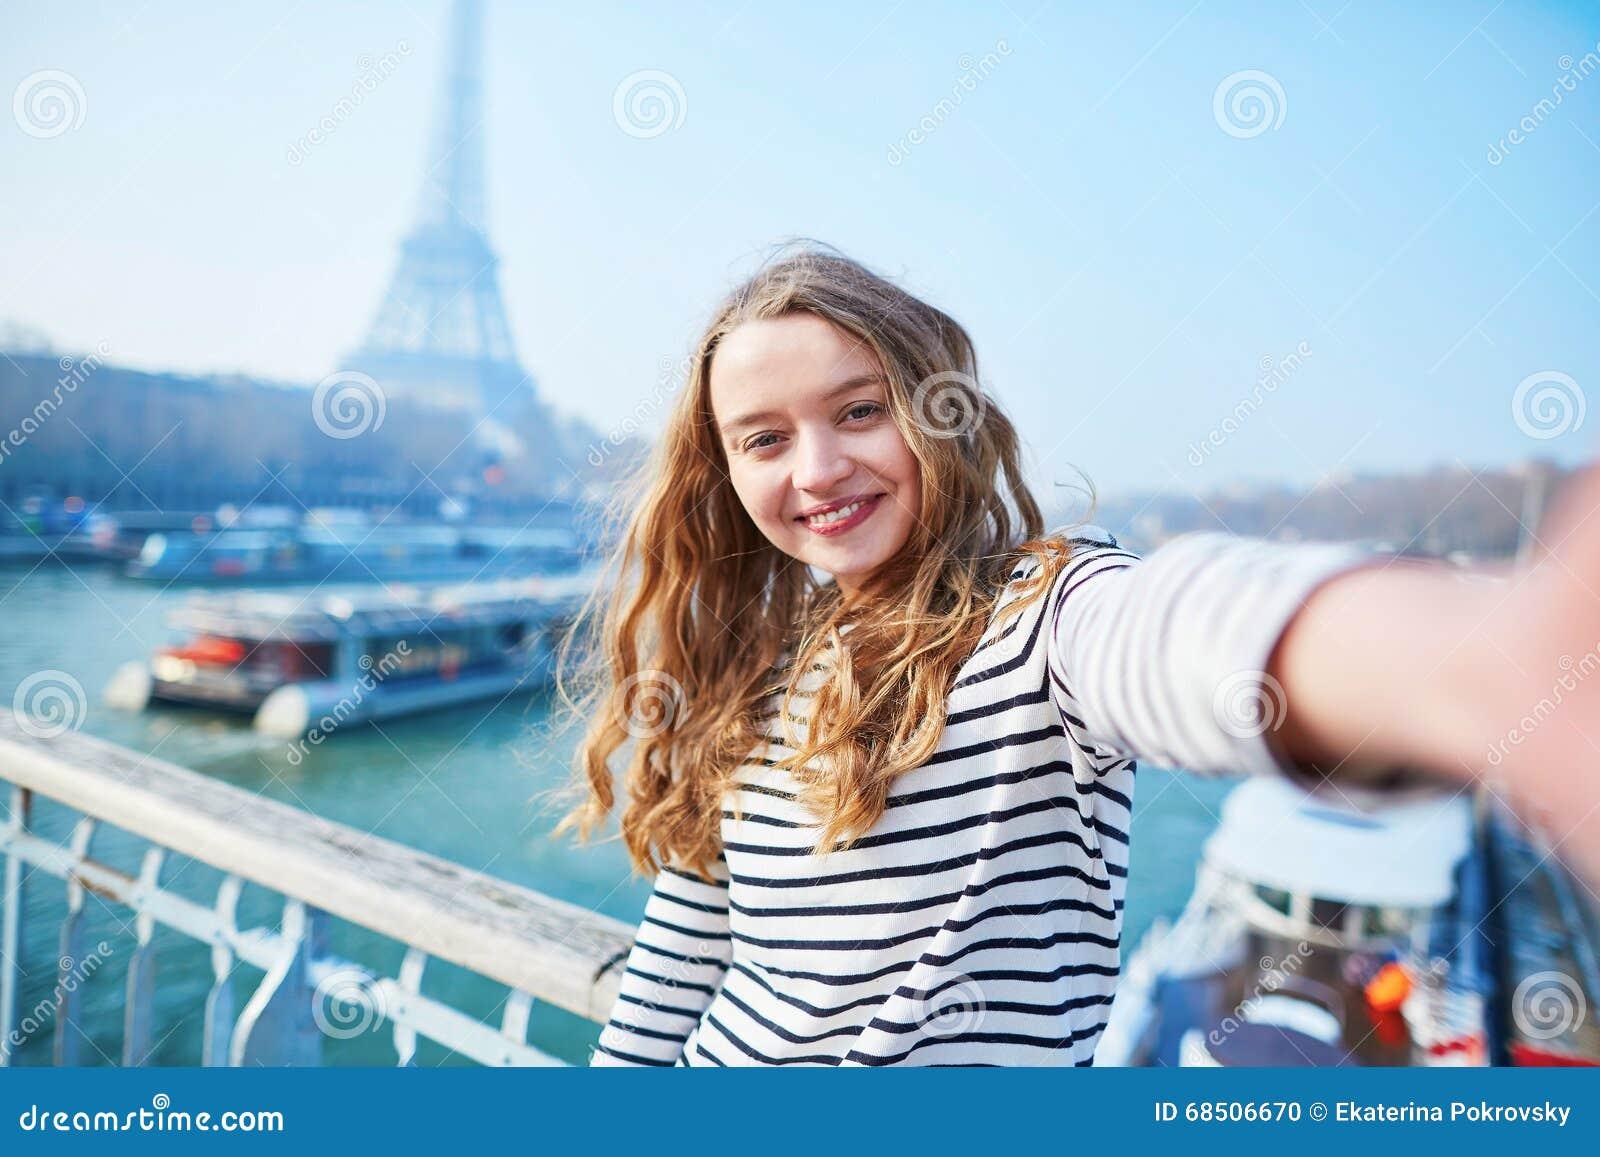 采取滑稽的selfie的美丽的女孩在巴黎